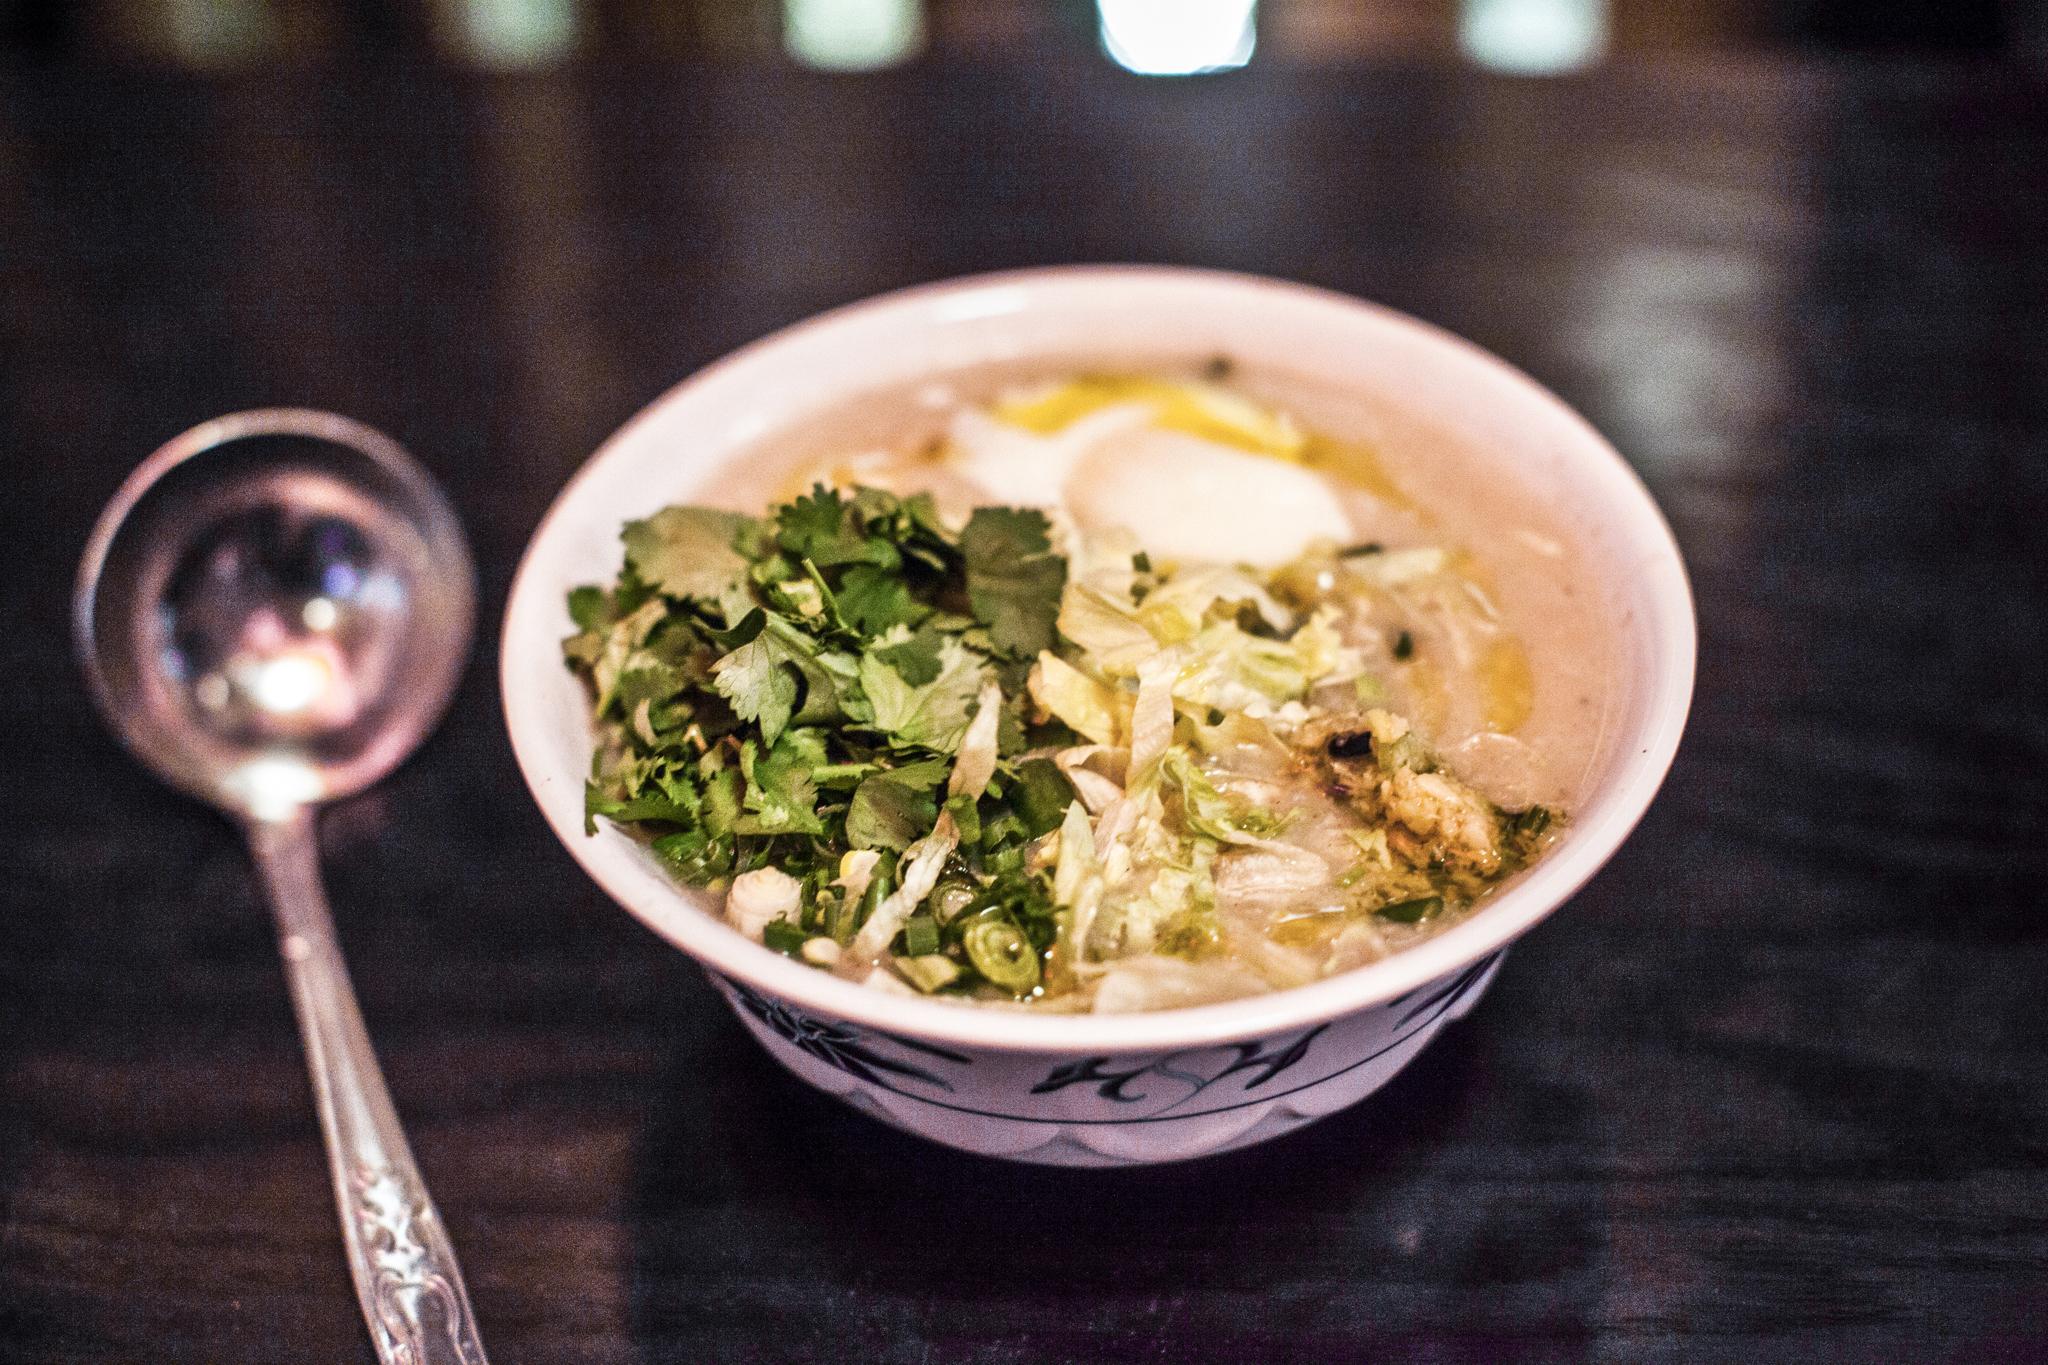 Westlake rice porridge at Mission Chinese Food